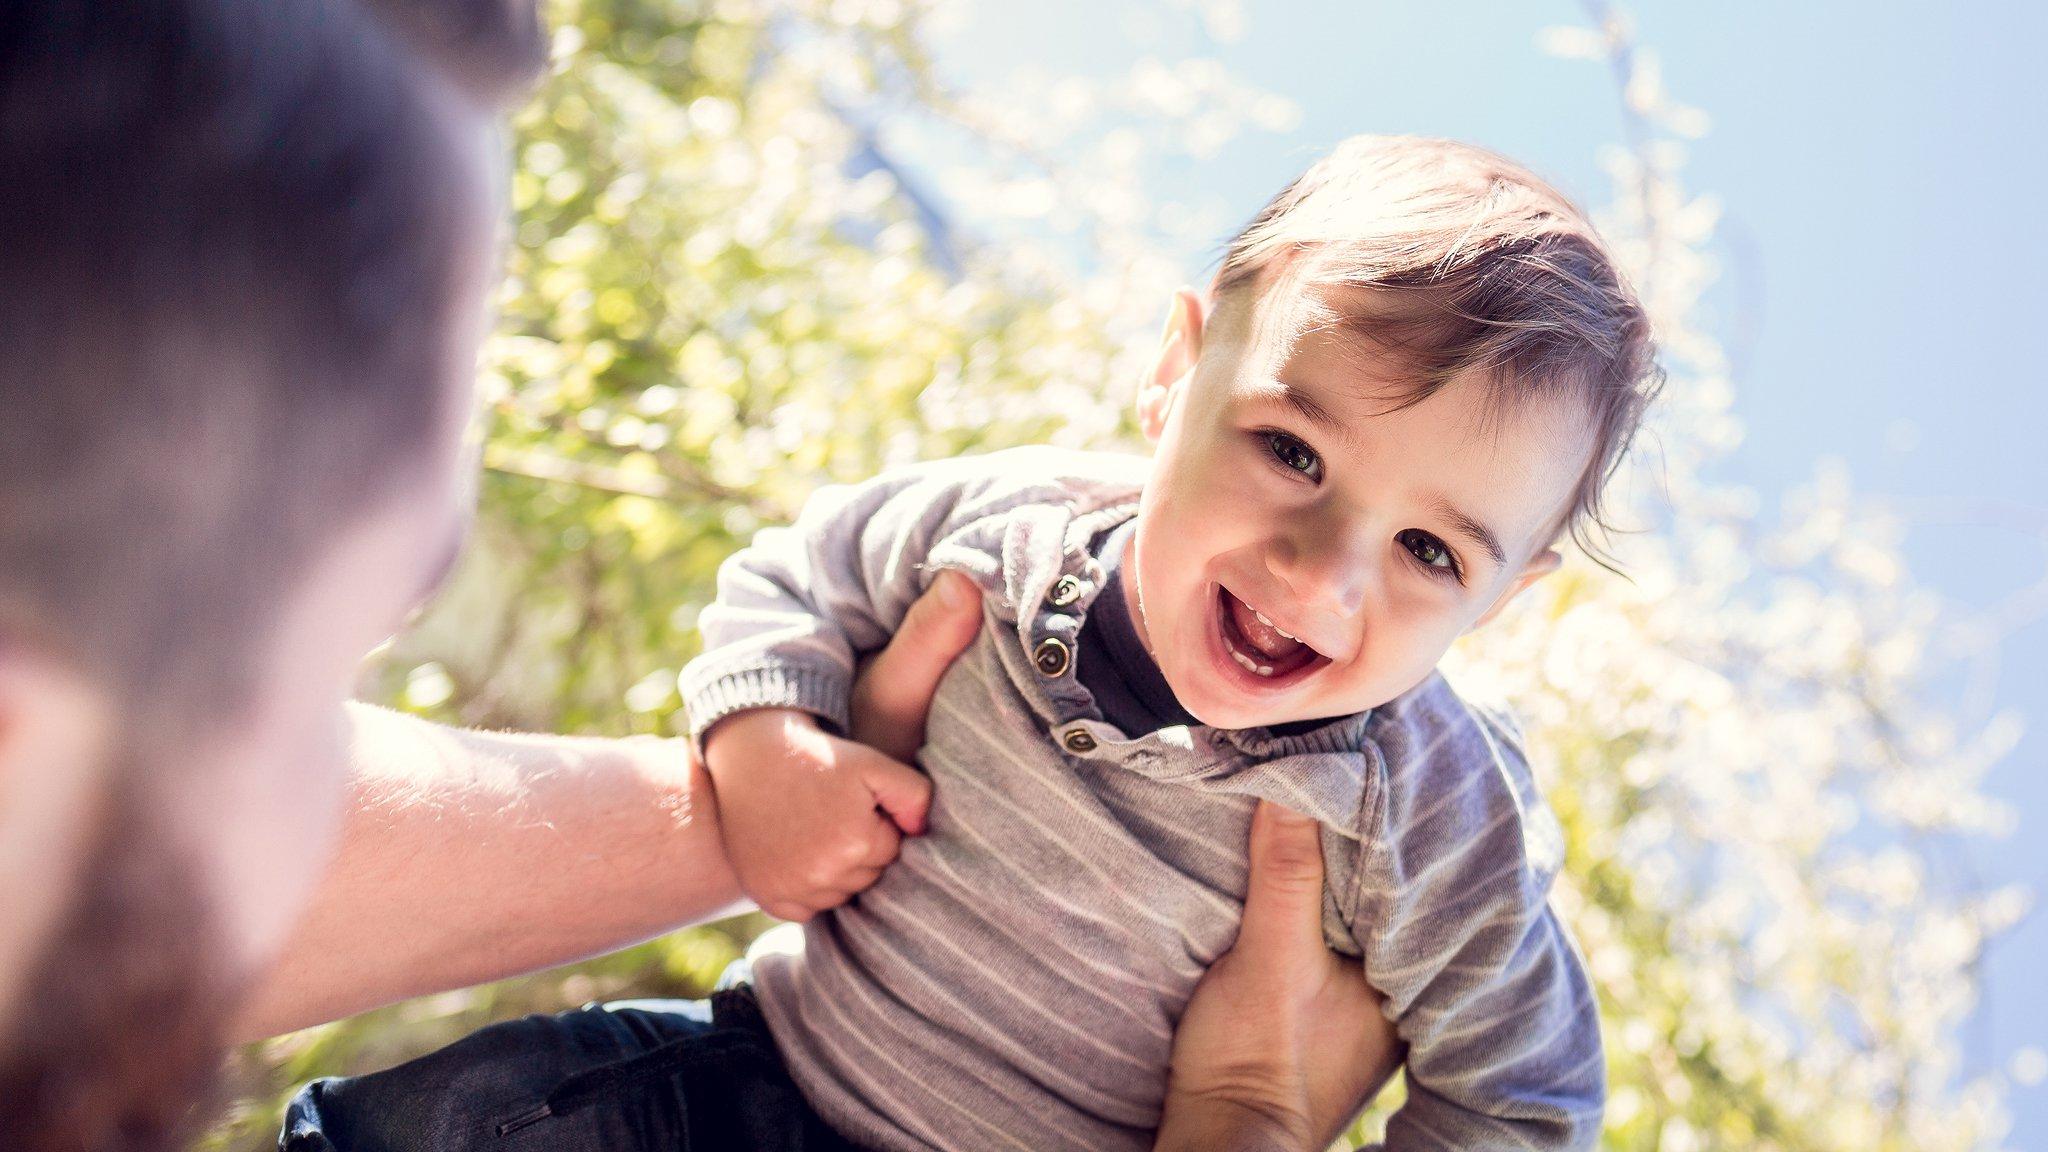 blackbeards am Vatertag, ein Vater mit einem glücklichen Kind